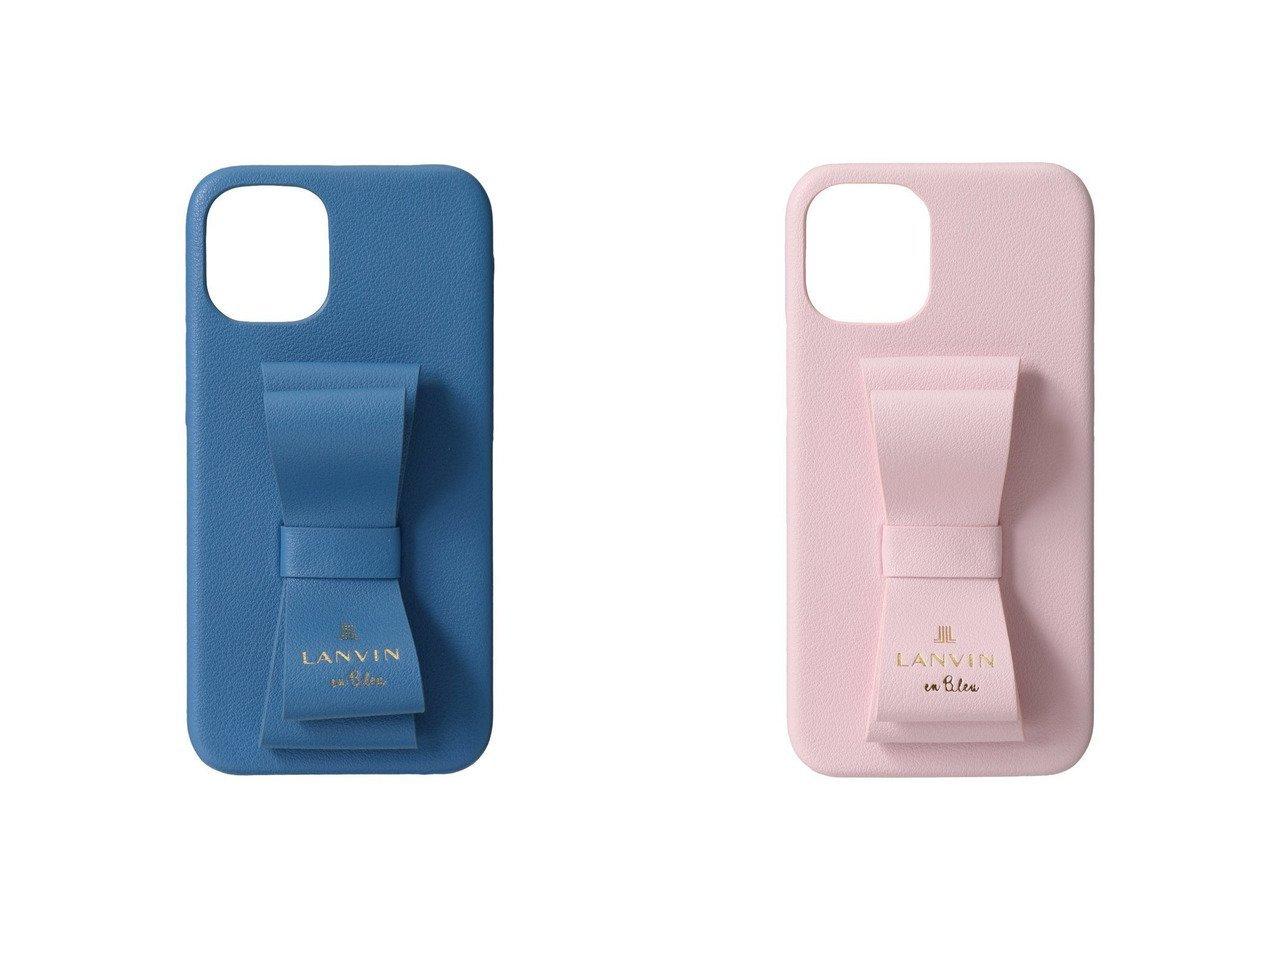 【LANVIN en Bleu/ランバン オン ブルー】のSLIMWRAPCASEiphone12mini おすすめ!人気、トレンド・レディースファッションの通販  おすすめで人気の流行・トレンド、ファッションの通販商品 インテリア・家具・メンズファッション・キッズファッション・レディースファッション・服の通販 founy(ファニー) https://founy.com/ ファッション Fashion レディースファッション WOMEN 2020年 2020 2020-2021秋冬・A/W AW・Autumn/Winter・FW・Fall-Winter/2020-2021 2021年 2021 2021-2022秋冬・A/W AW・Autumn/Winter・FW・Fall-Winter・2021-2022 A/W・秋冬 AW・Autumn/Winter・FW・Fall-Winter おすすめ Recommend スタンド フェイクレザー フェミニン リボン  ID:crp329100000063096